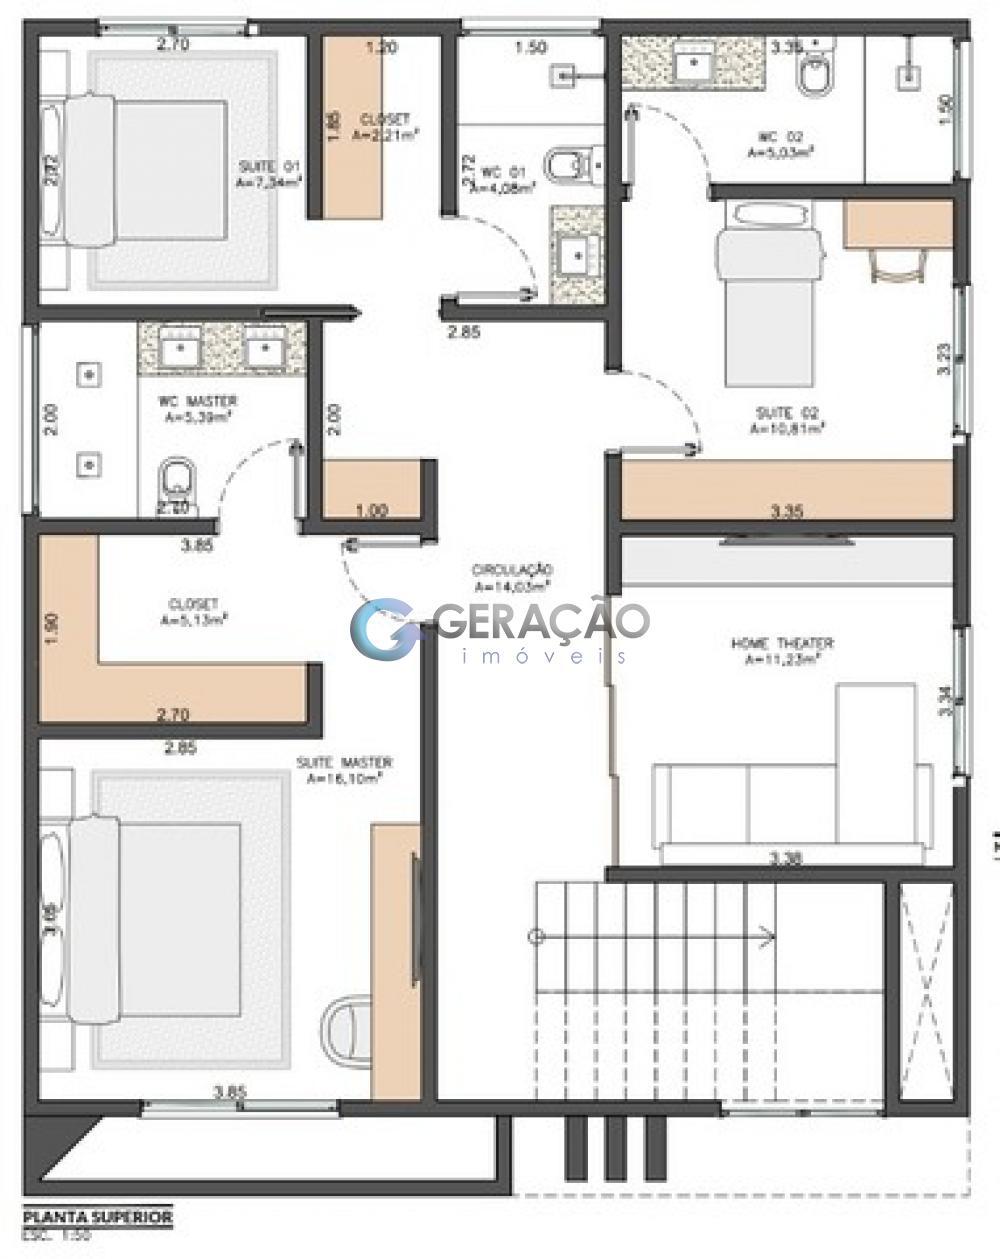 Comprar Casa / Condomínio em São José dos Campos R$ 1.224.000,00 - Foto 5